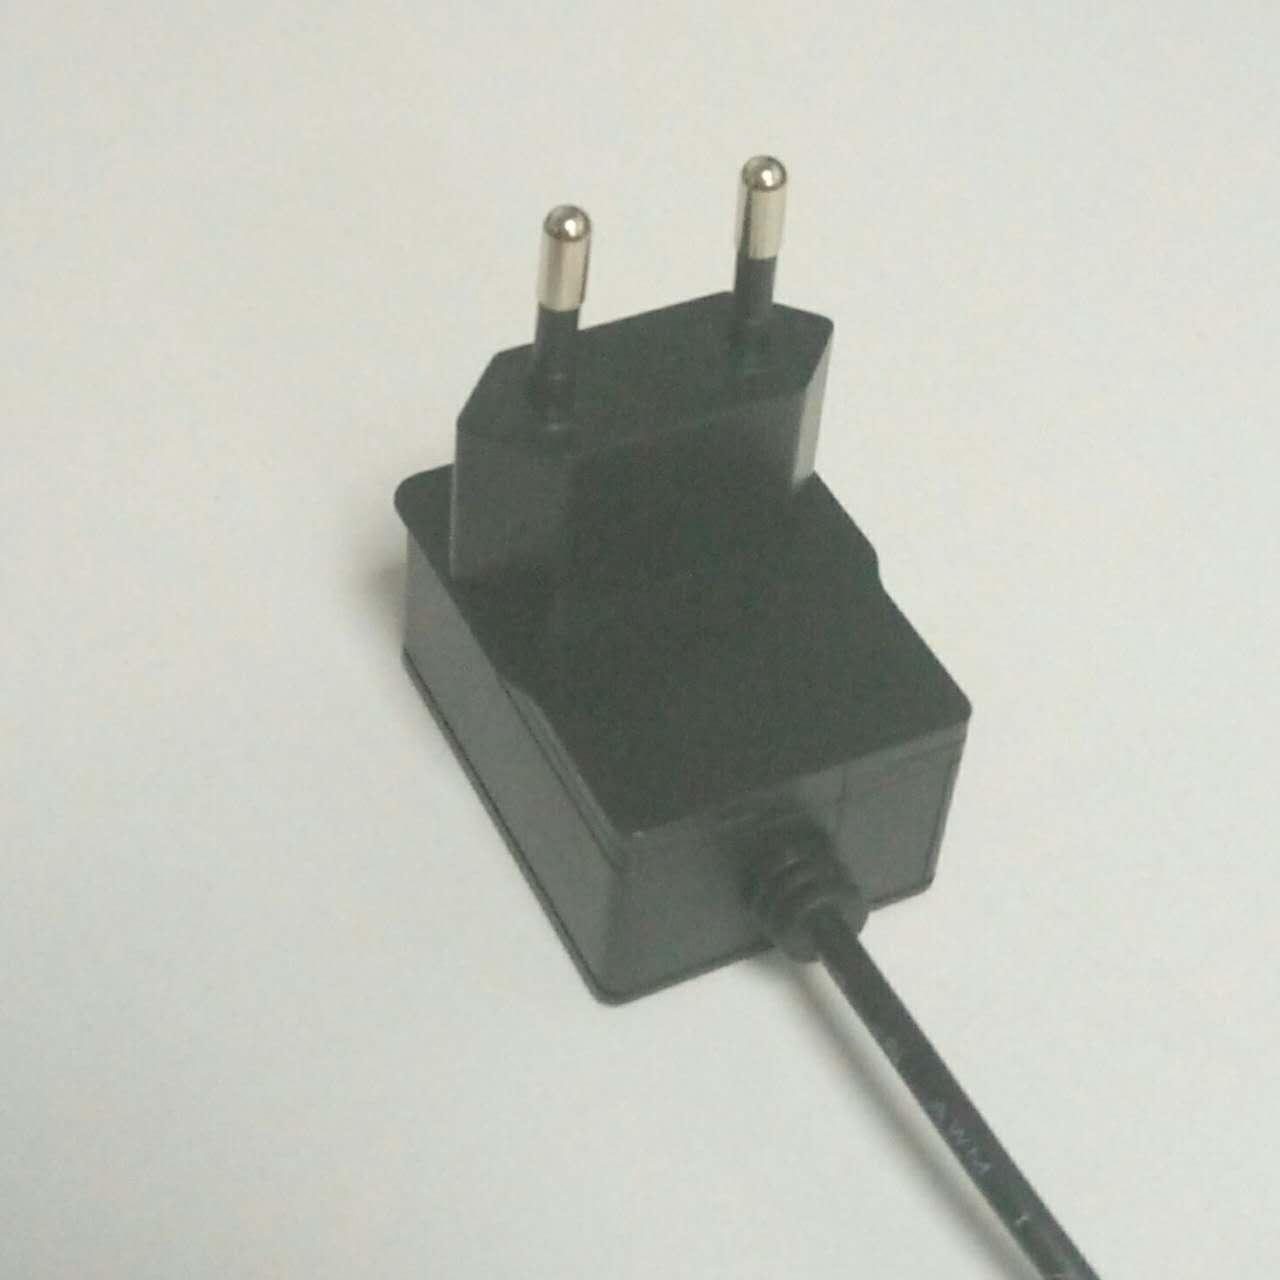 5V1A 欧规充电器,欧规适配器,欧规开关电源 2